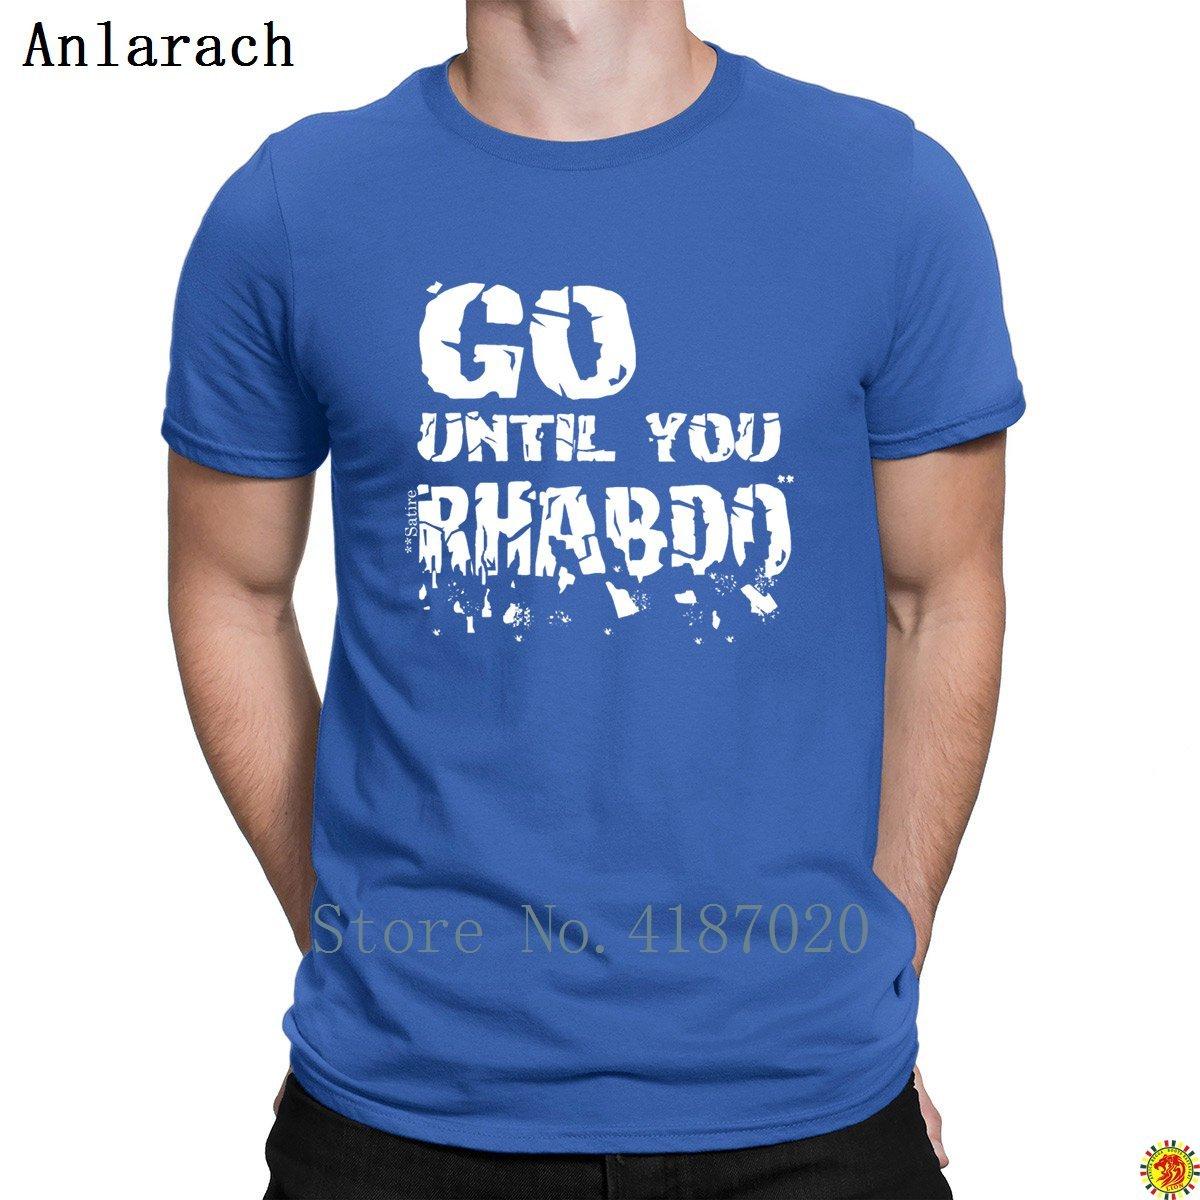 Ir Até Você Rhabdo Tshirts de Fitness Na Moda Formal Dos Homens de Malha de Tamanhos Grandes O Novo 2018 Camiseta HipHop Top